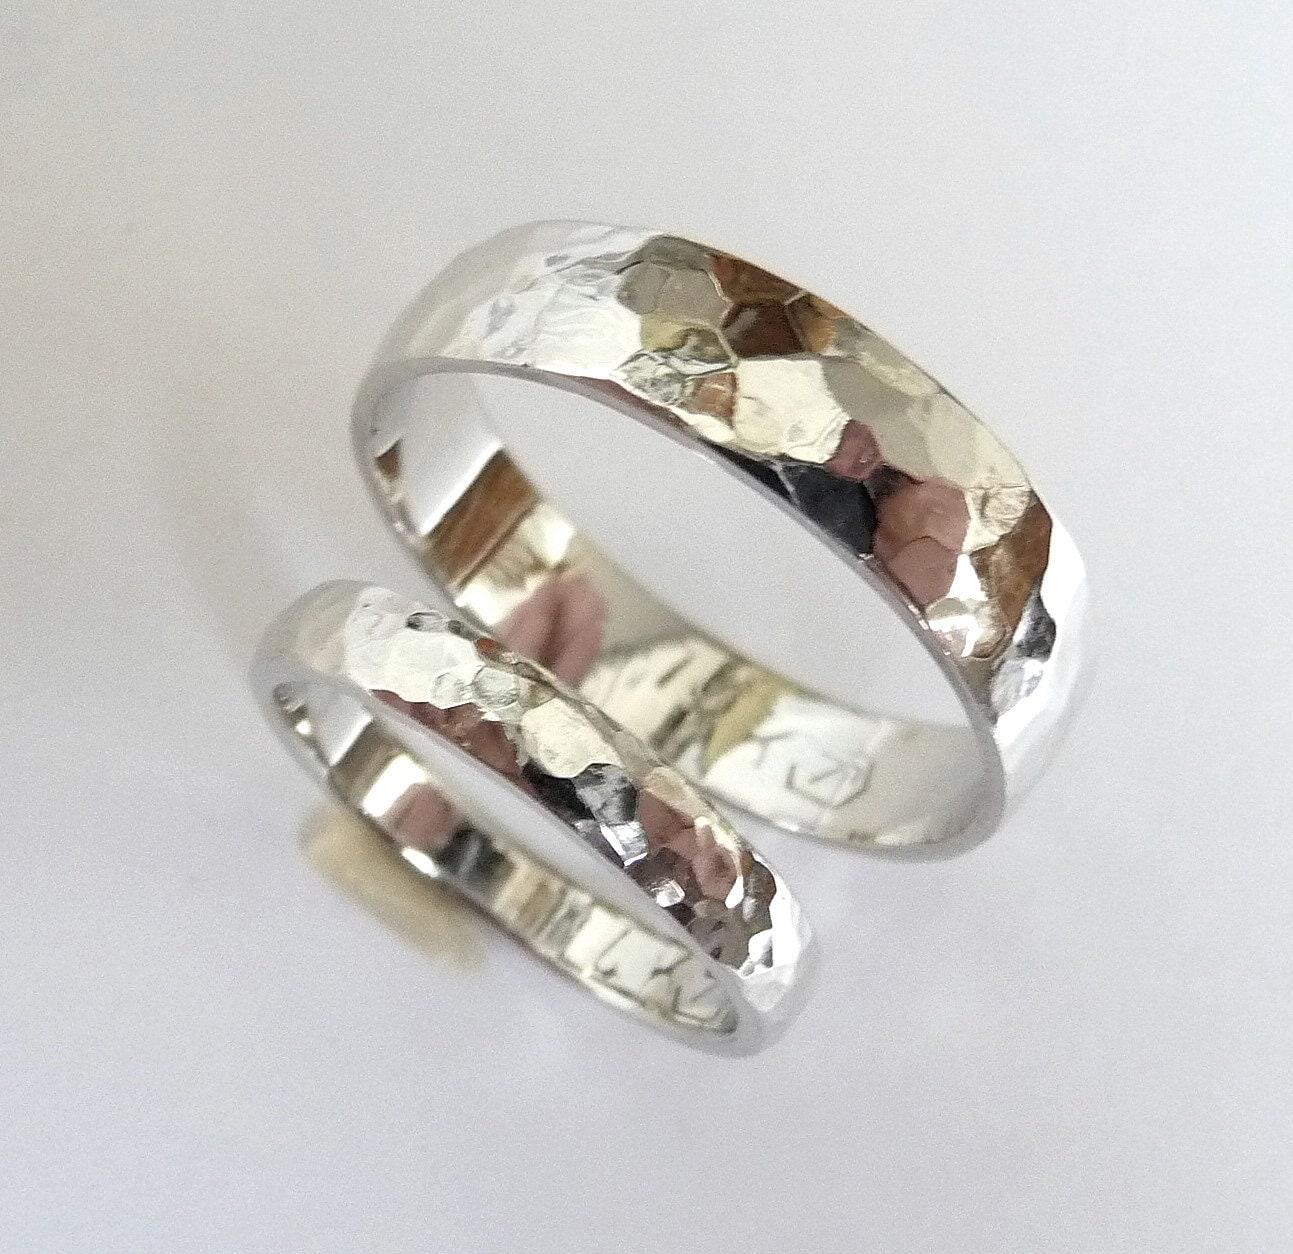 white gold wedding band set men women gold womens wedding rings women wedding ring hammered wedding band polished shiny zoom